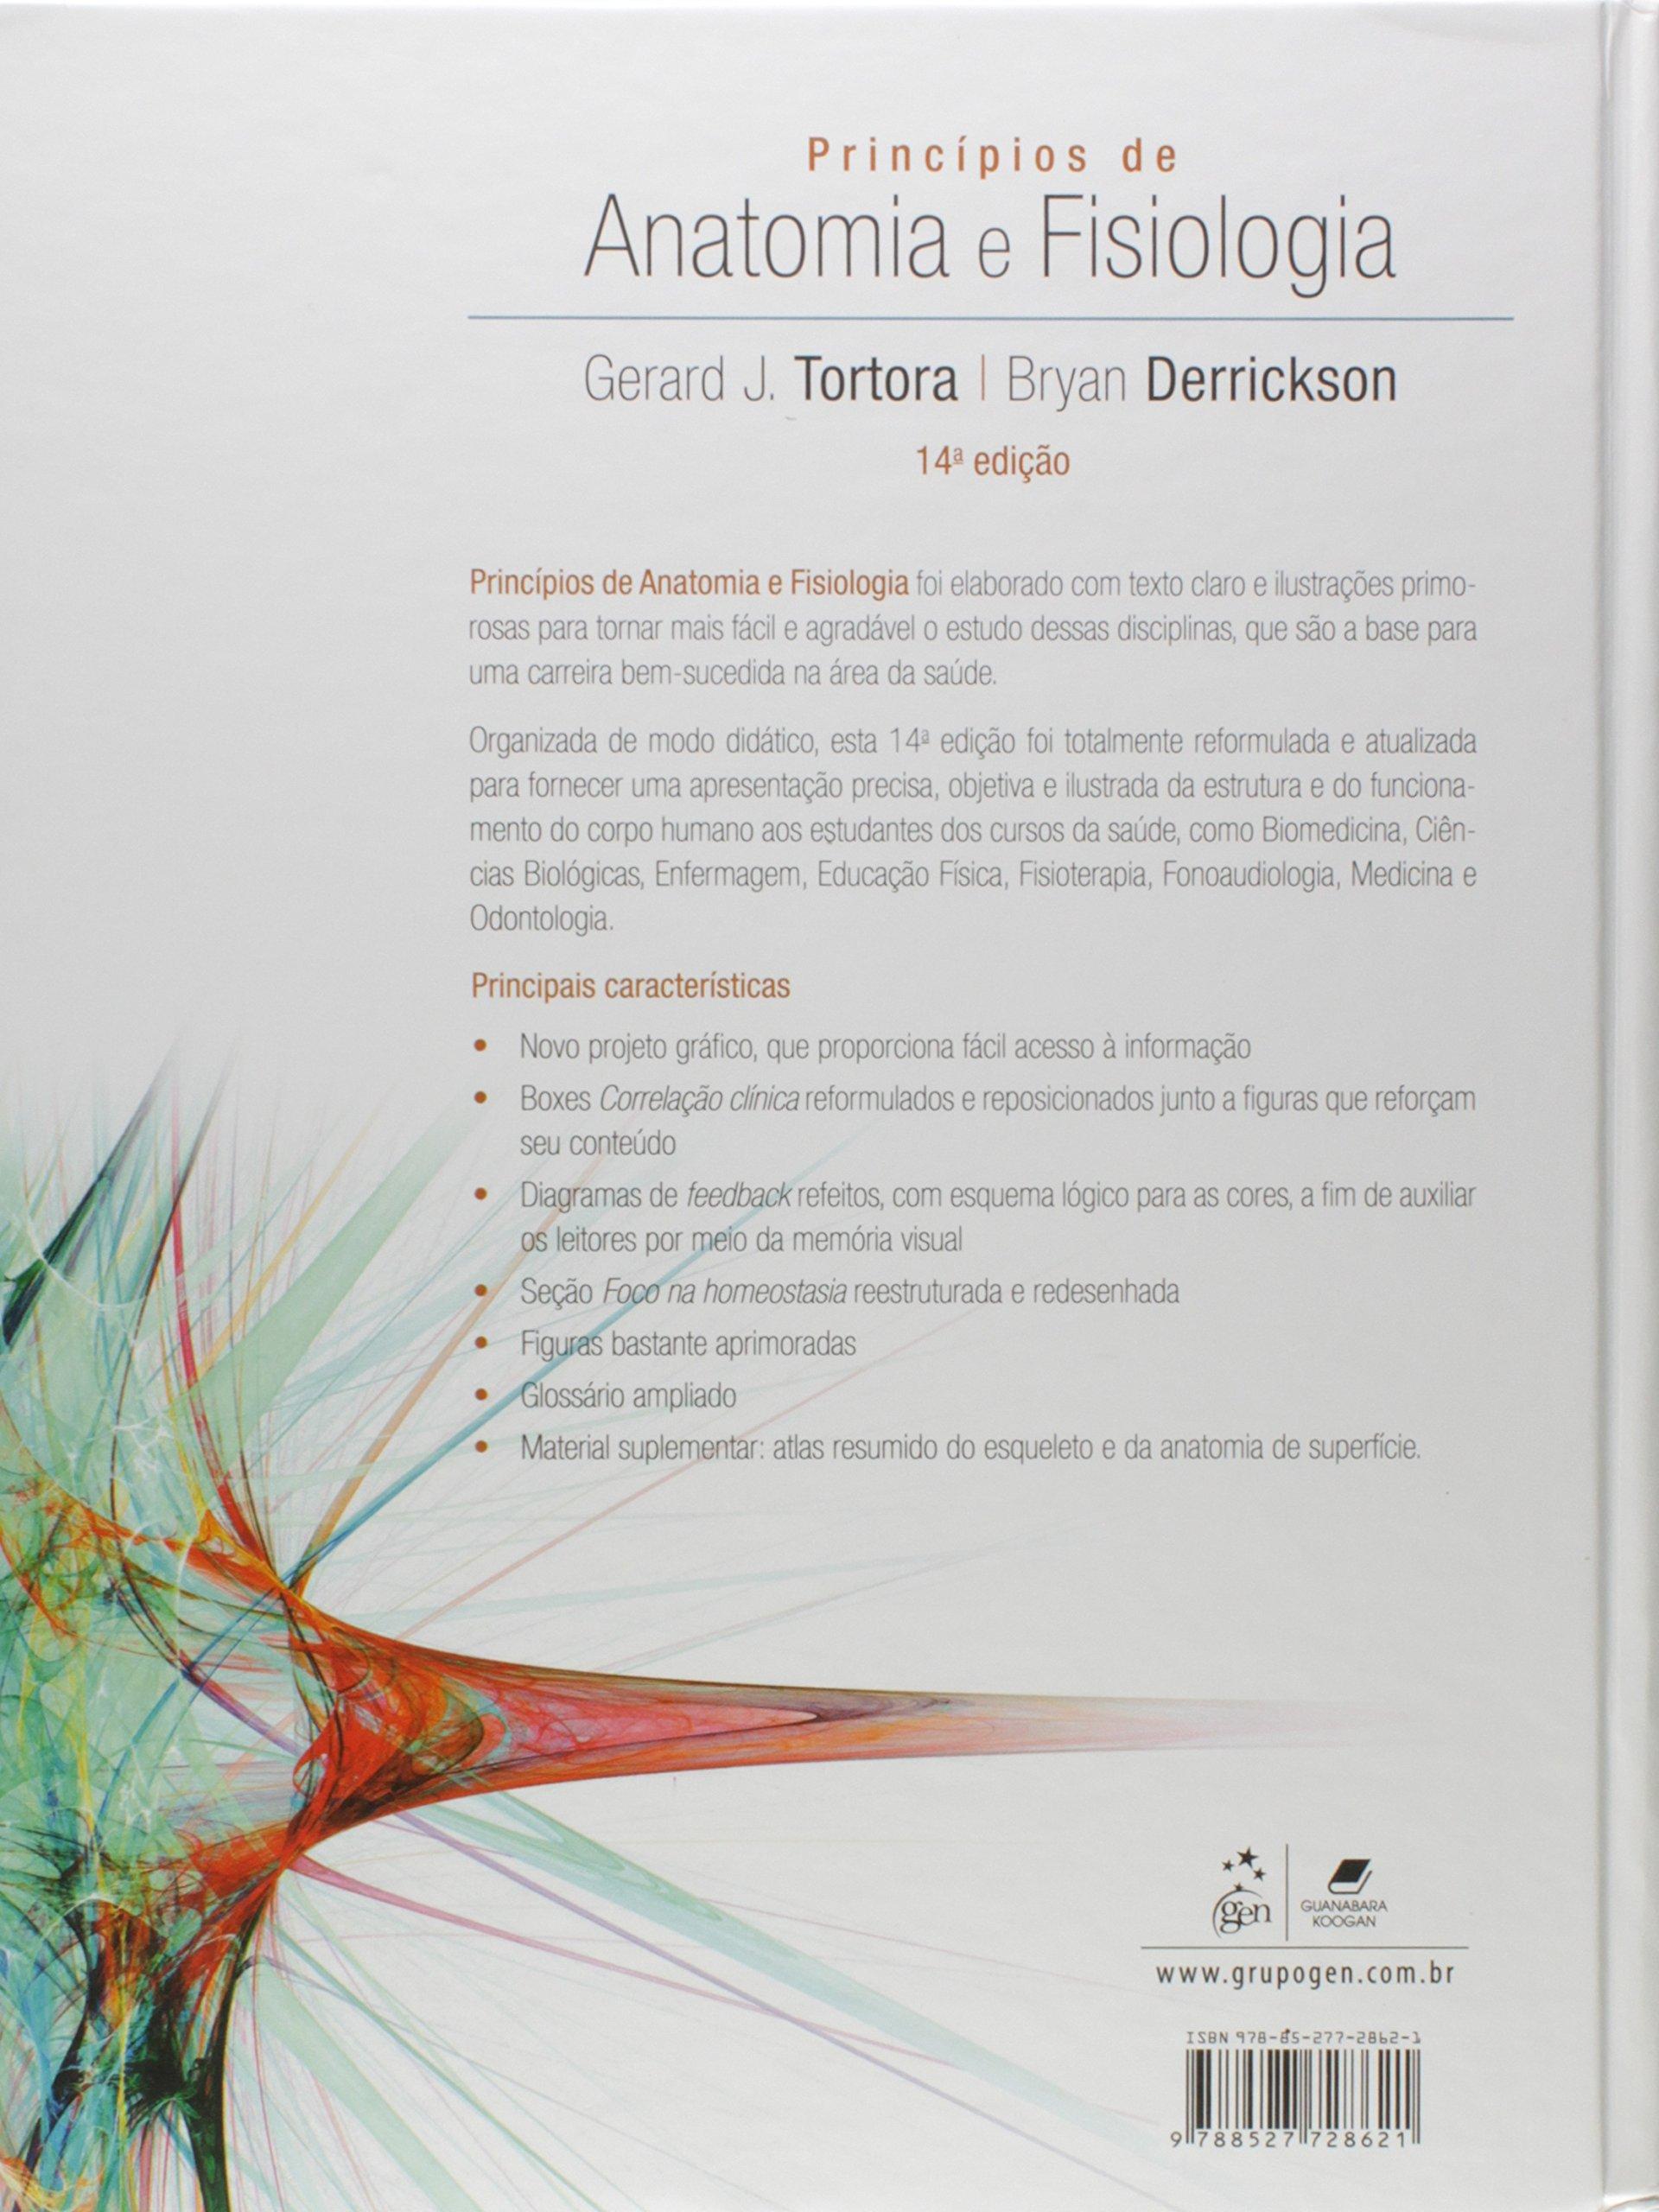 Princípios De Anatomia E Fisiologia: Gerard J. Tortora: Amazon.com ...